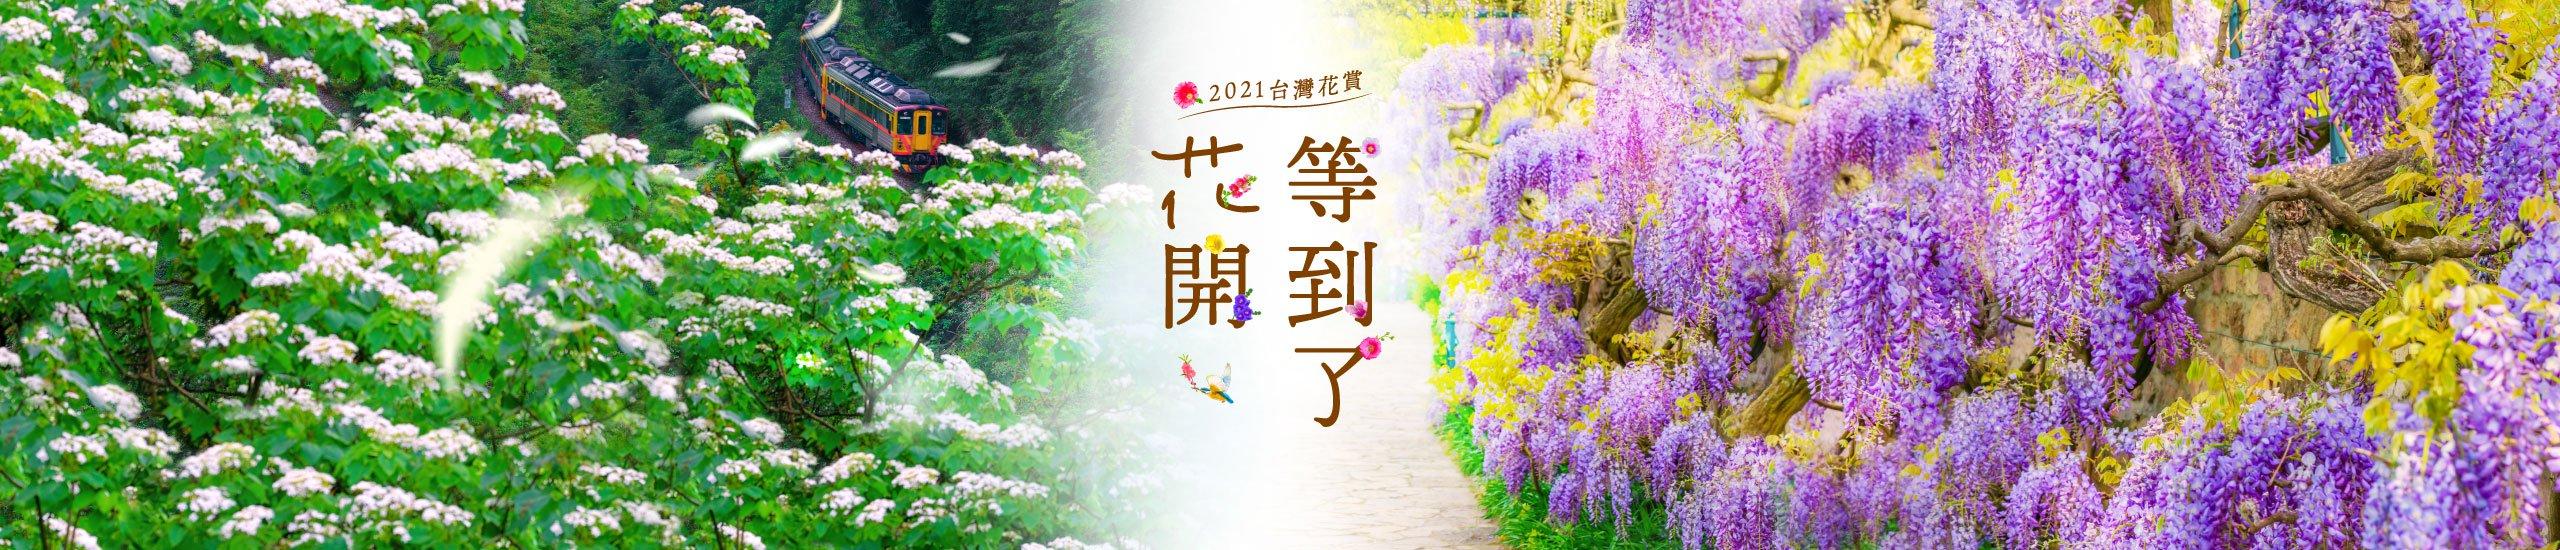 2021台灣花賞